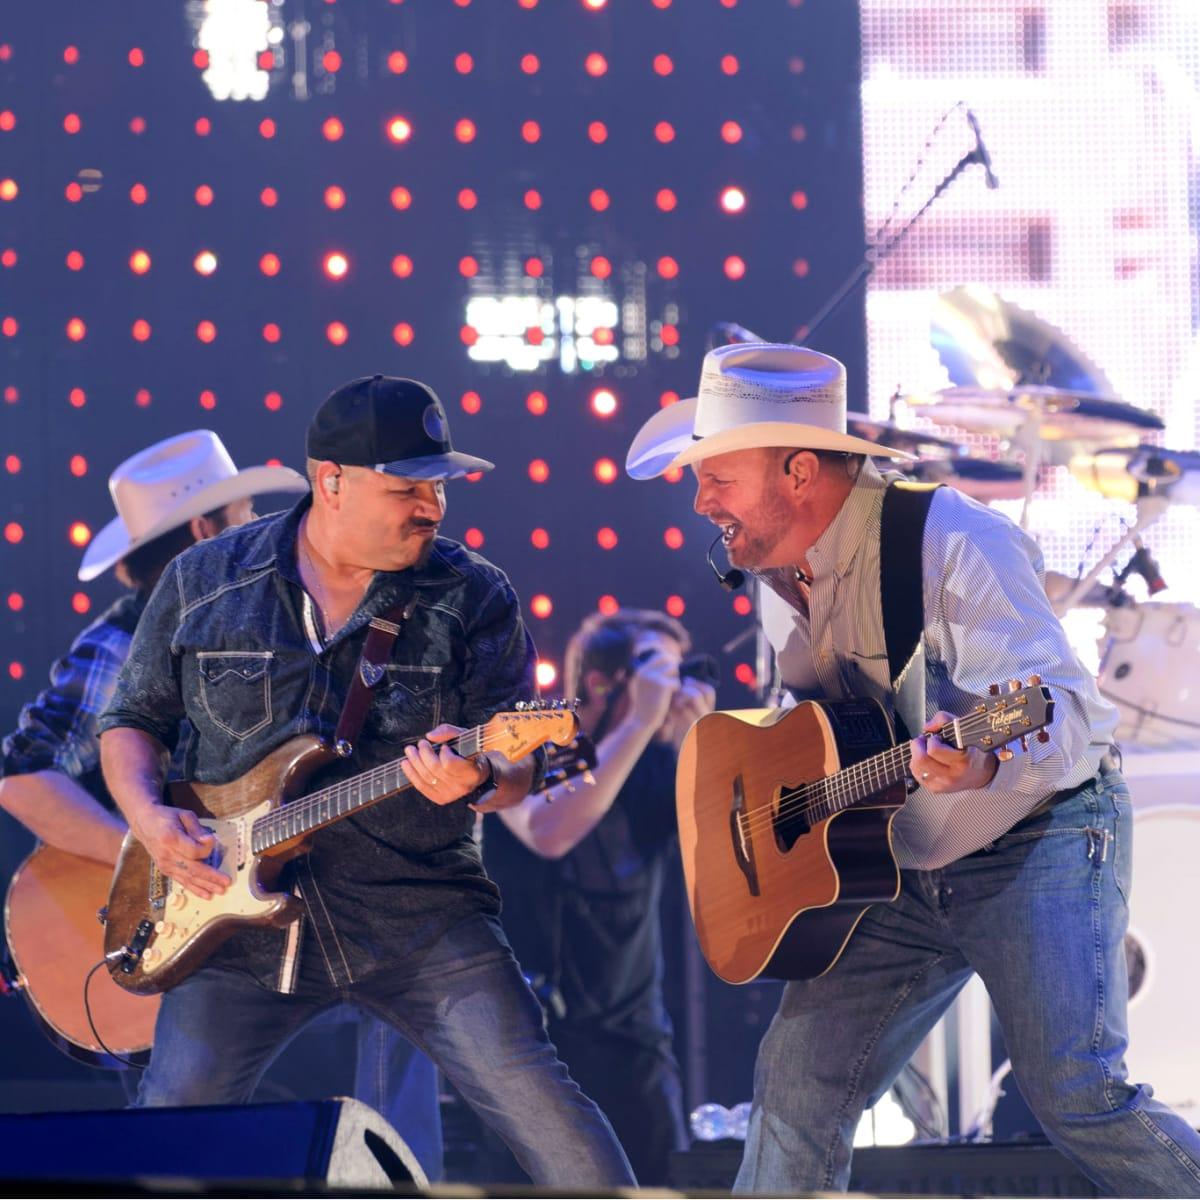 Garth Brooks opening night RodeoHouston with guitarist